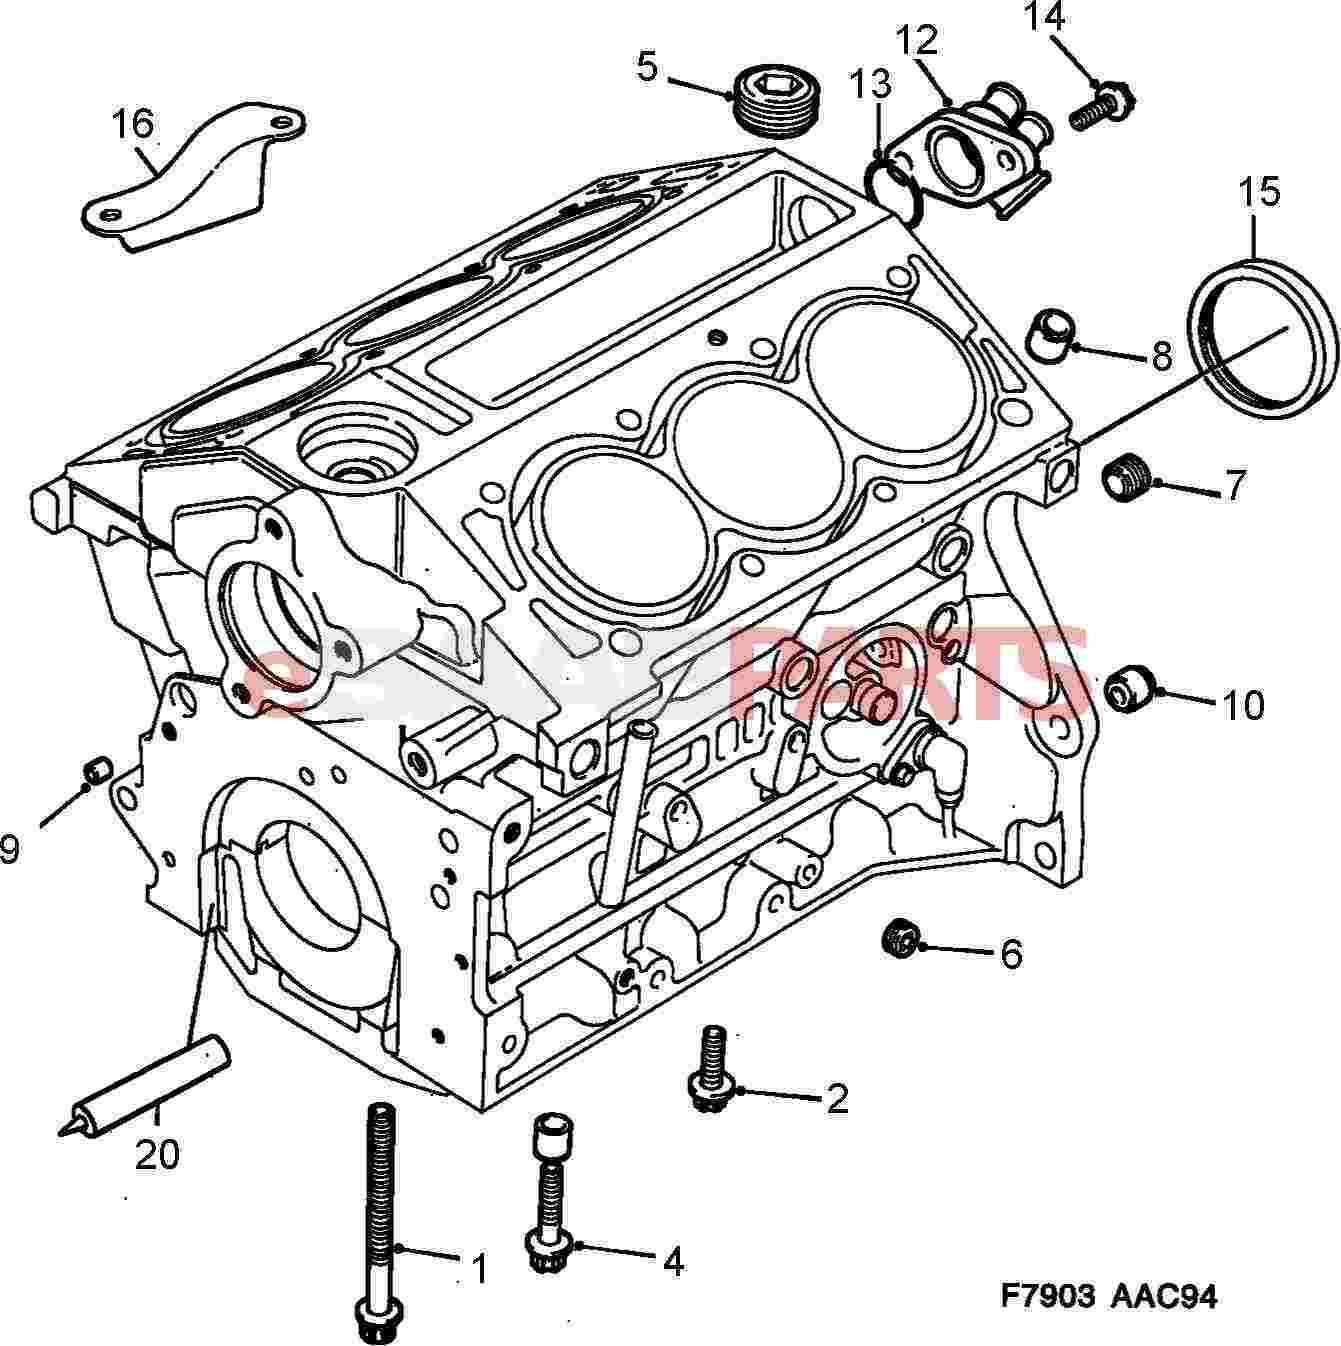 90325572  saab rear main seal - crankshaft